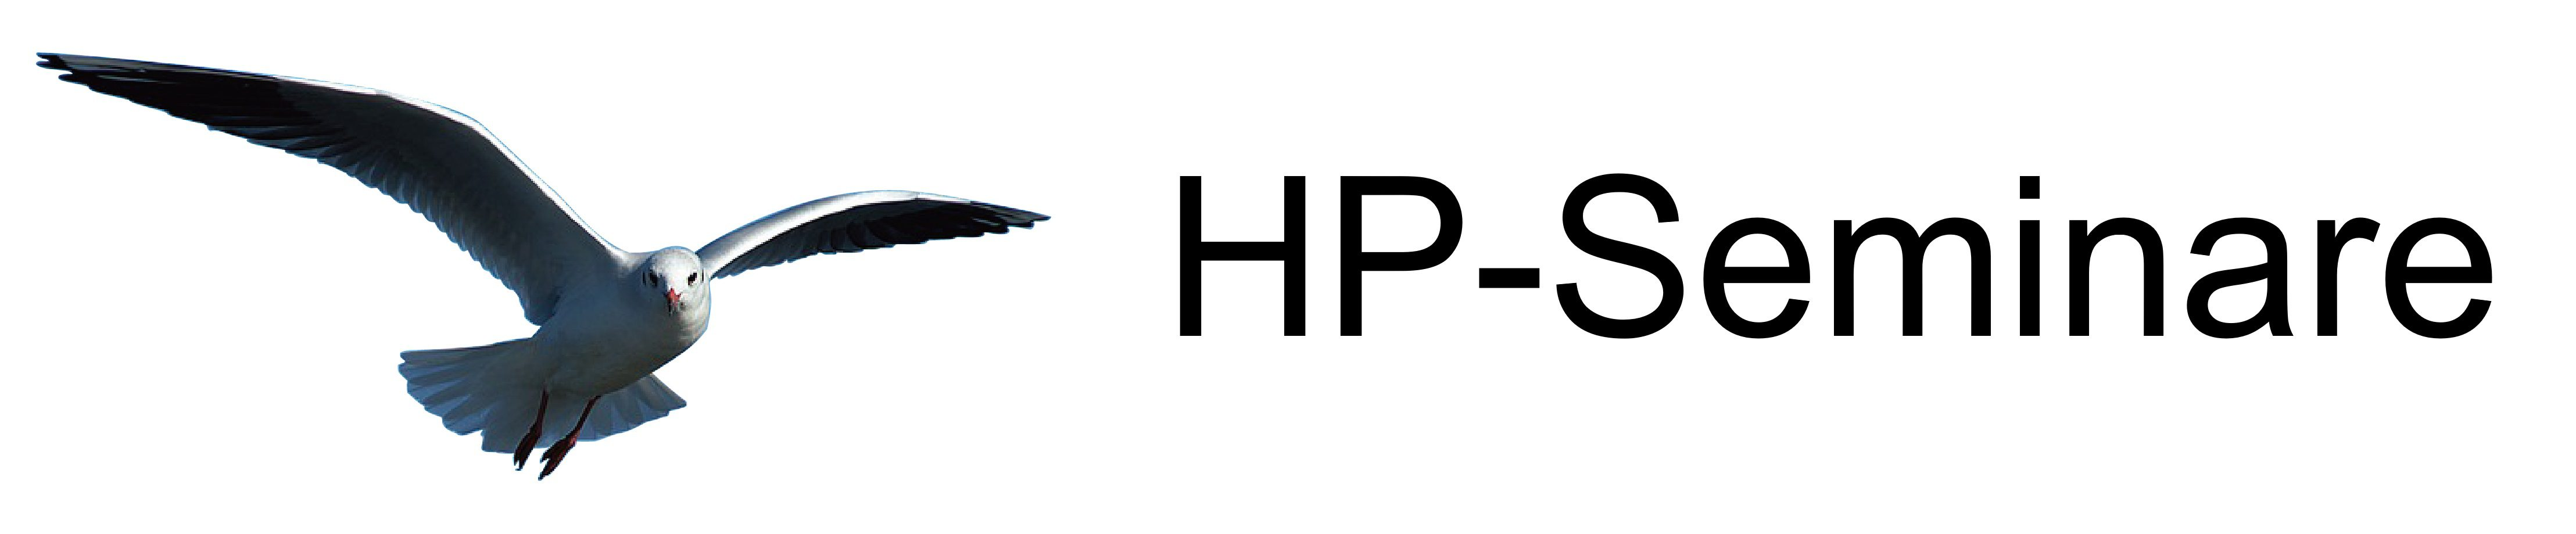 HP-Seminare